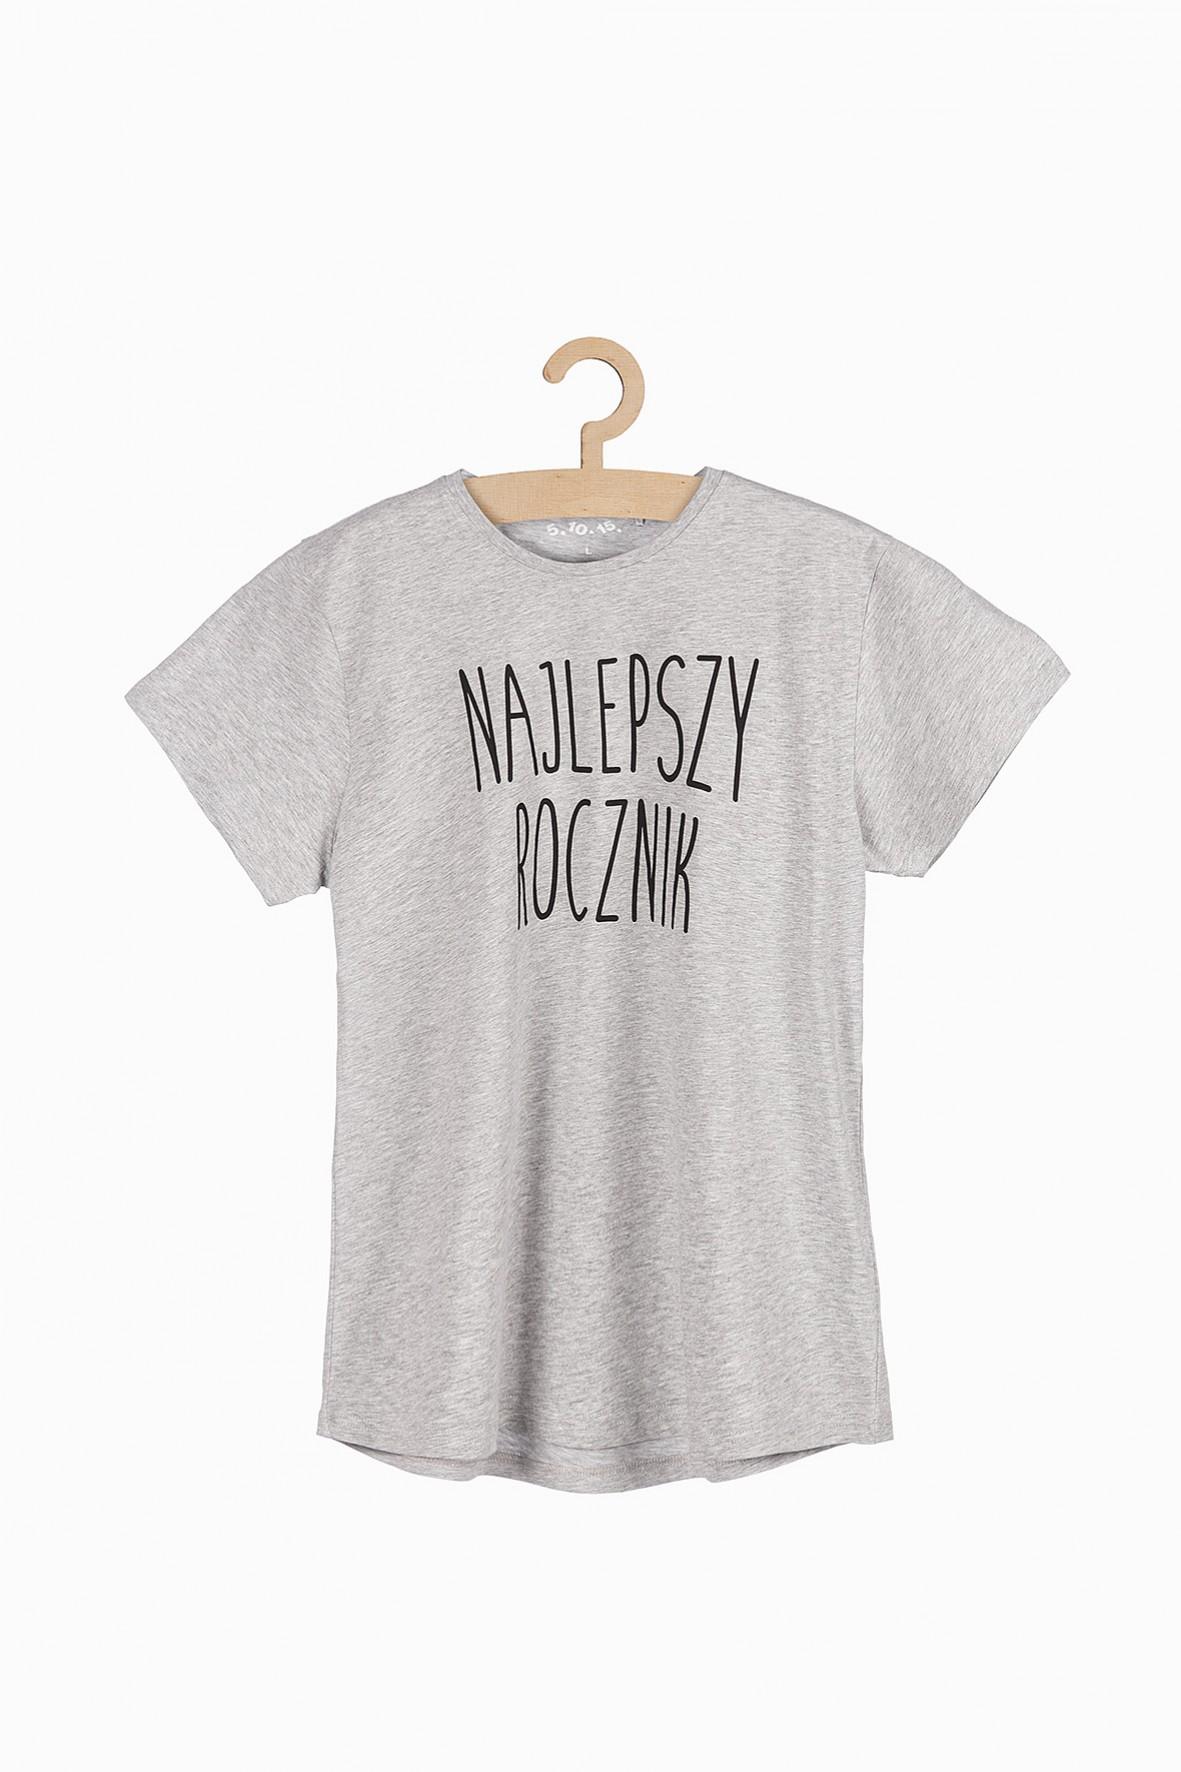 T-shirt męski z napisem - Najlepszy Rocznik